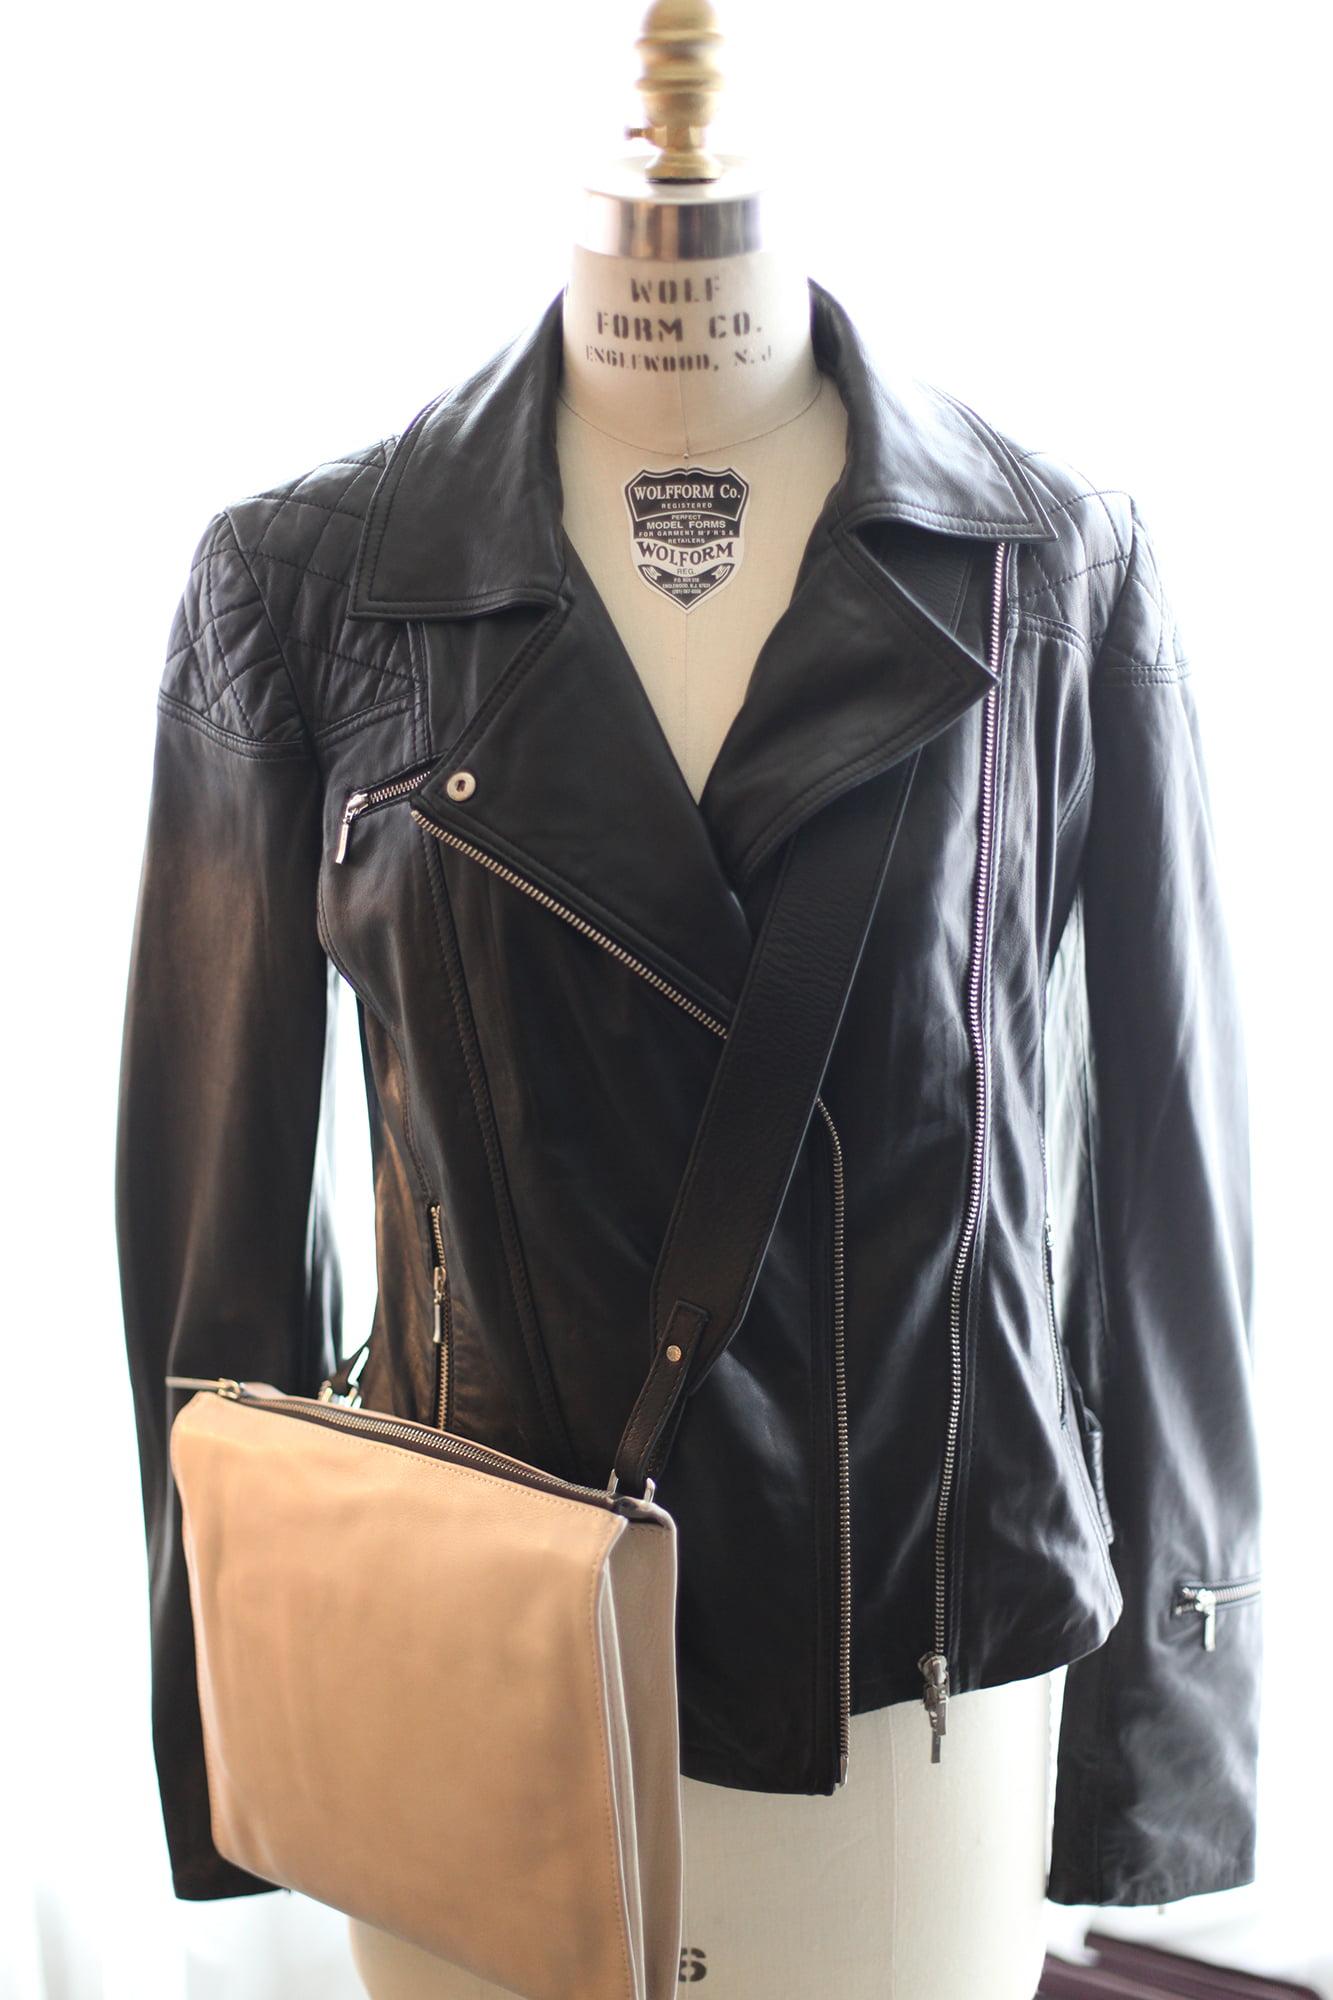 Danier Leather - Women's Jacket